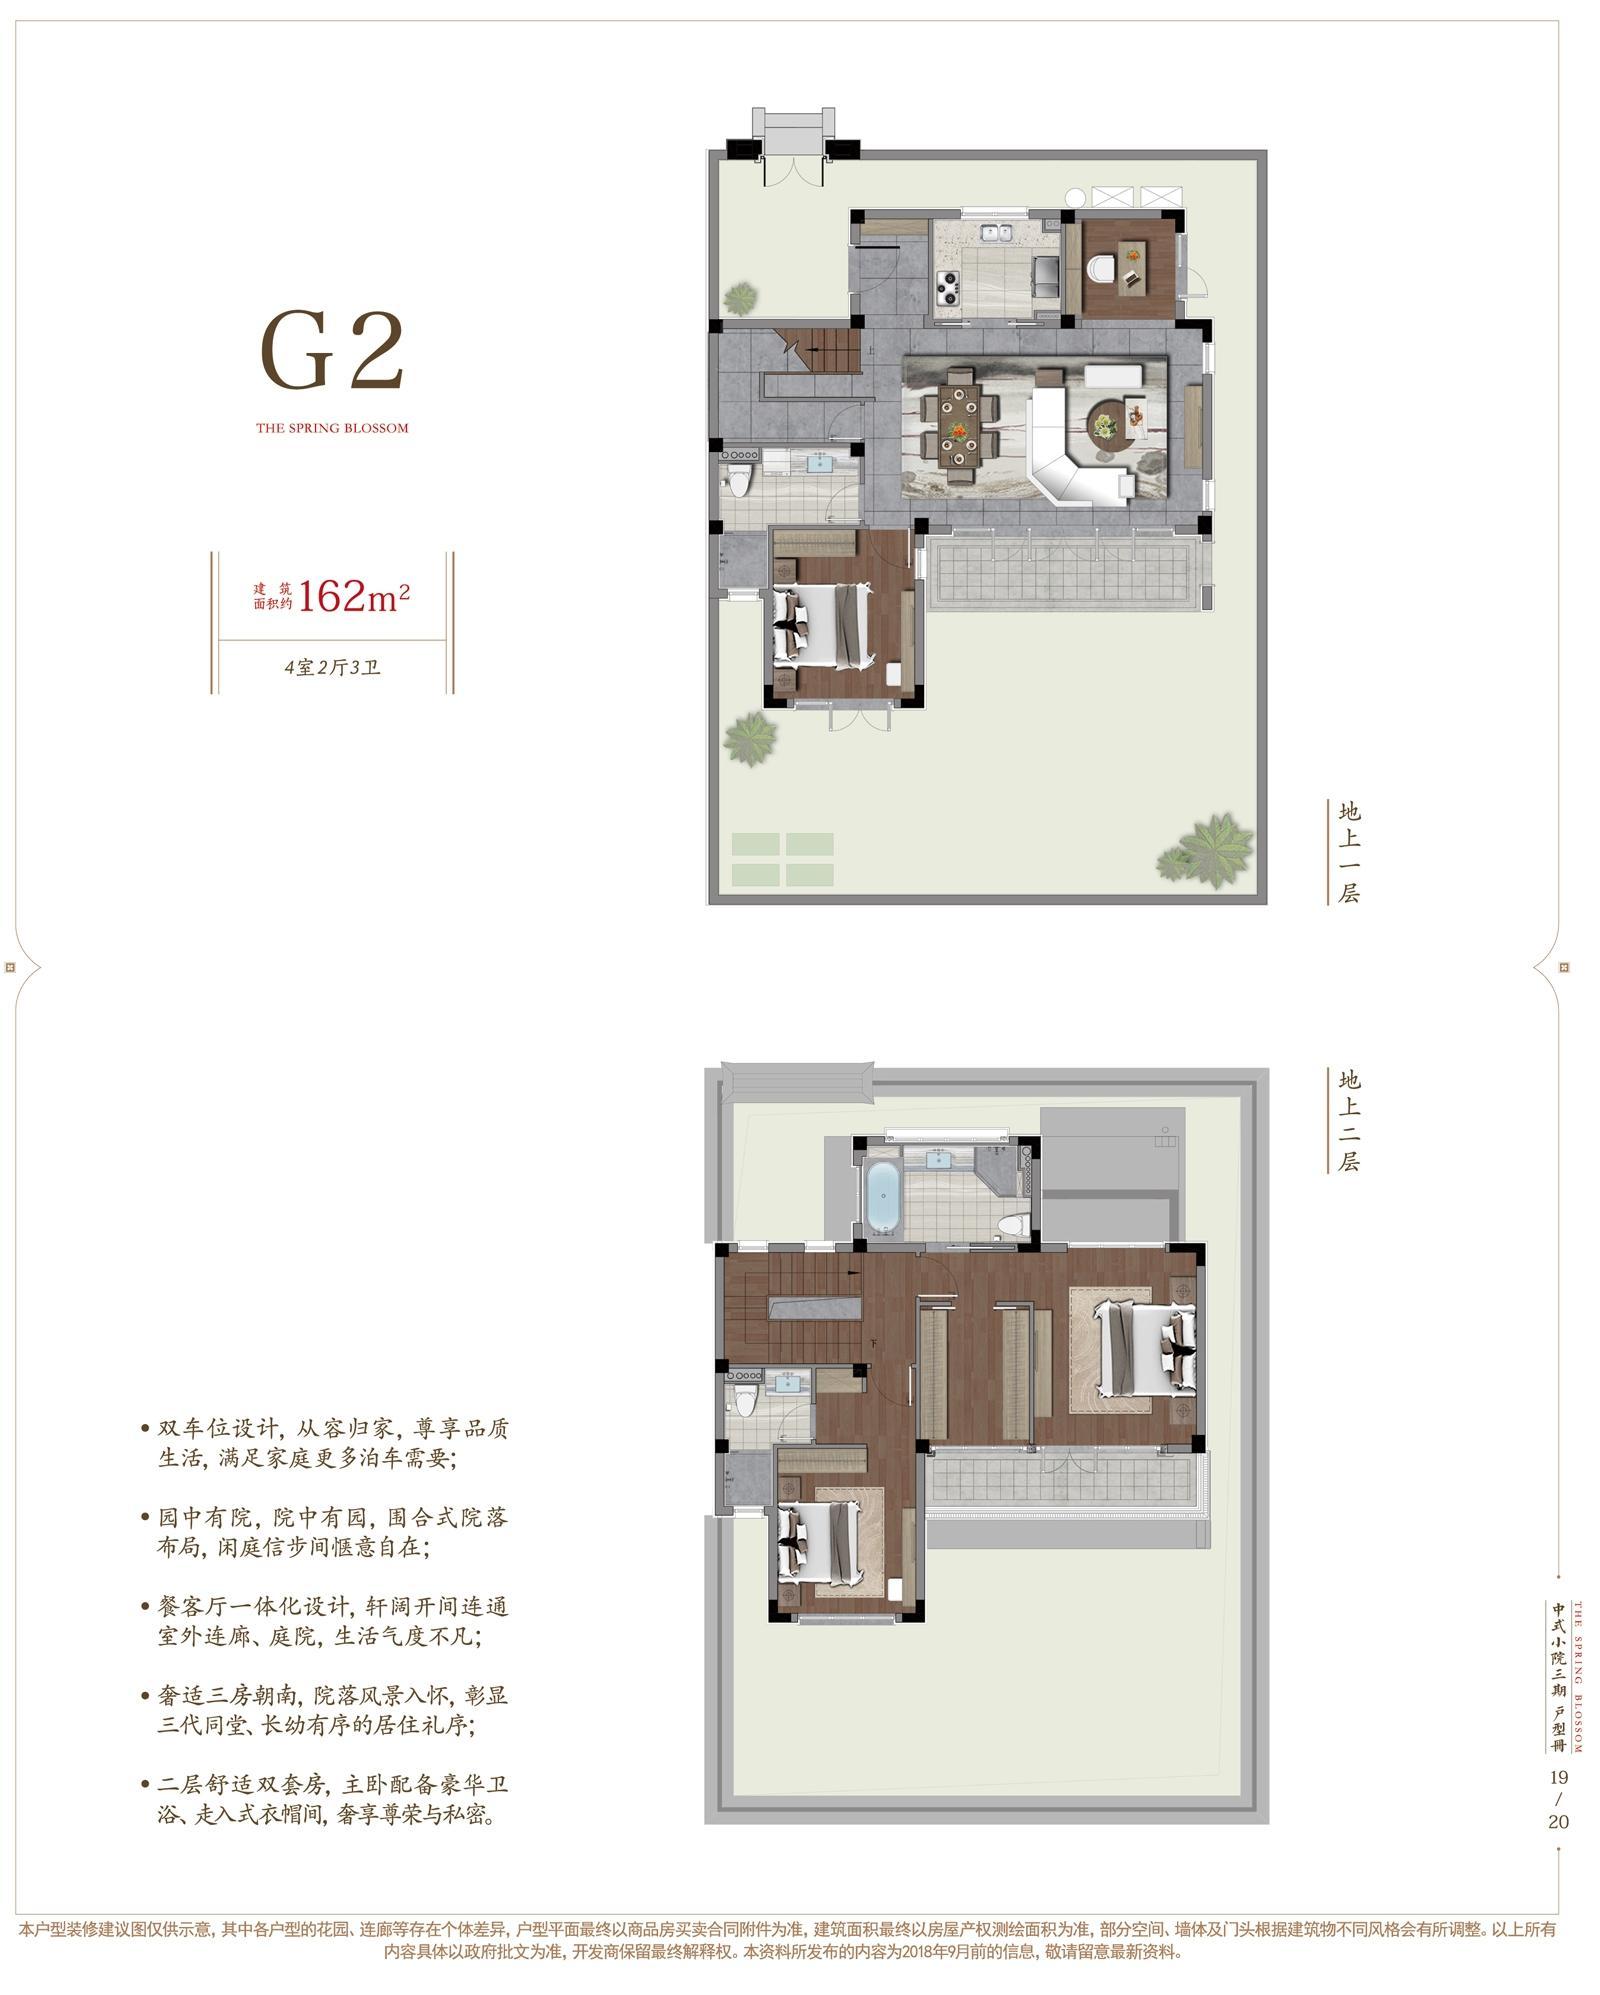 桃李春风三期中式小院G2户型约162㎡